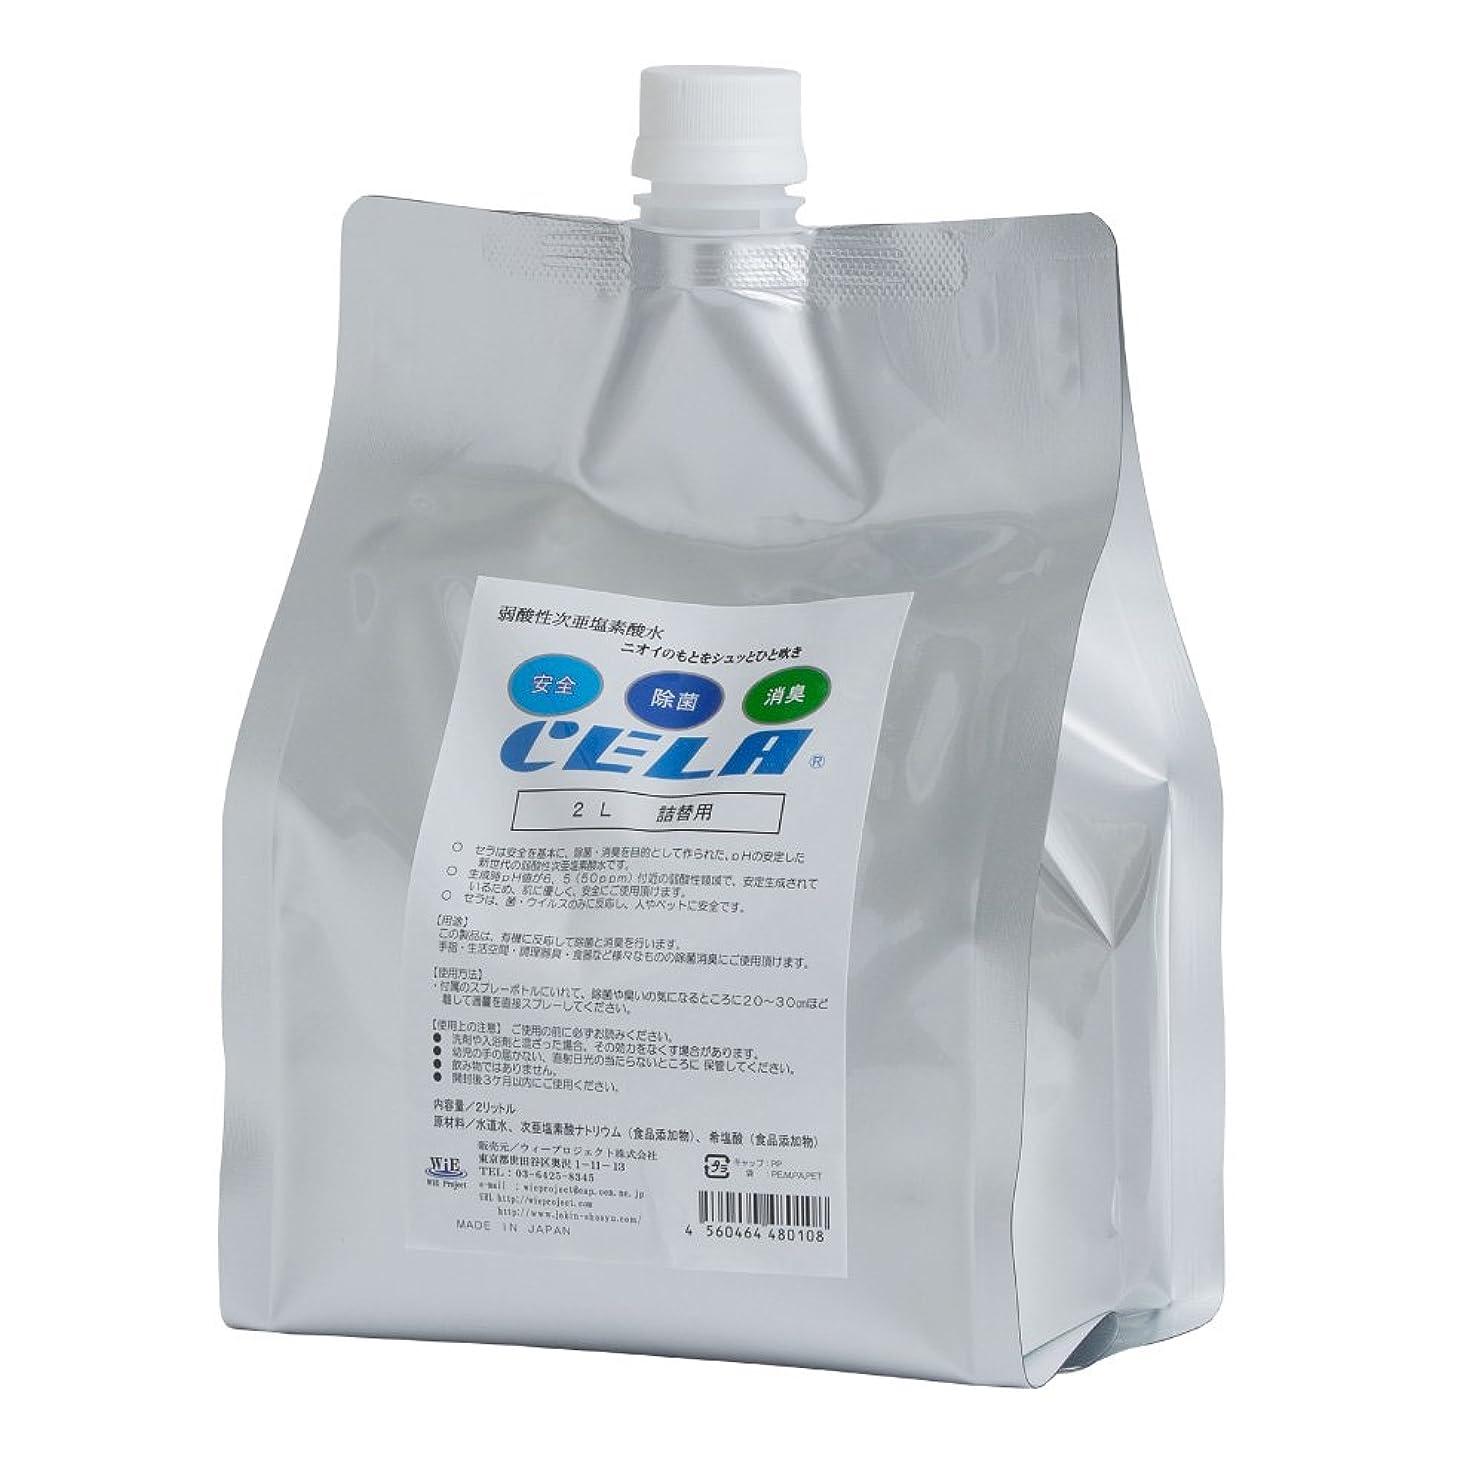 フラッシュのように素早くキラウエア山地下鉄弱酸性次亜塩素酸水【CELA】 (セラ)2L詰め替え用アルミパック